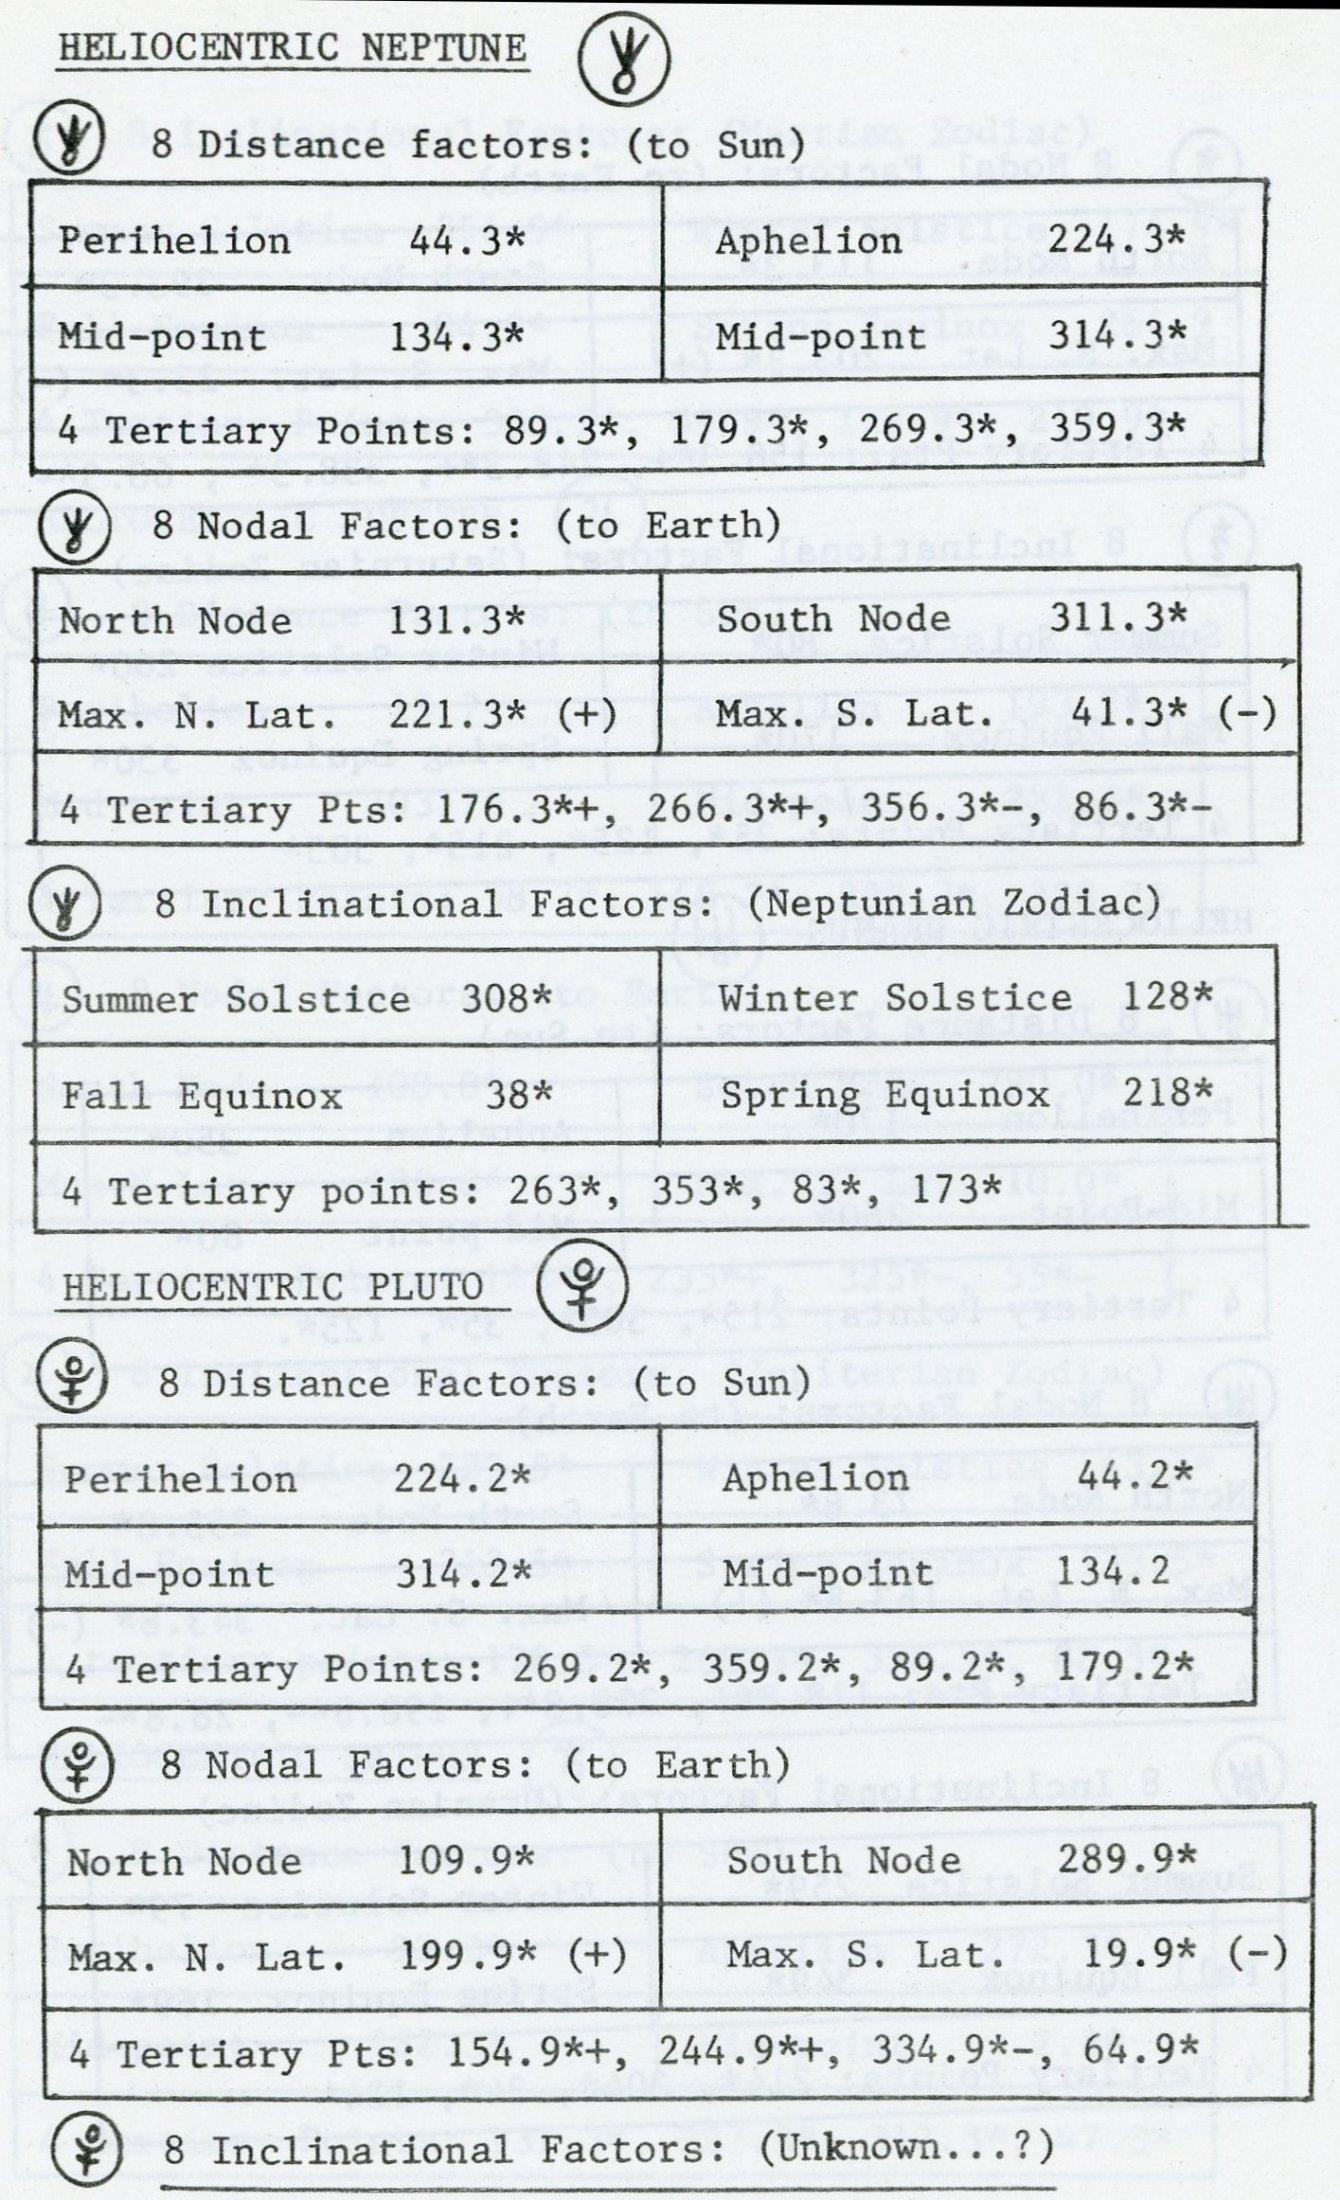 Helio-data-5